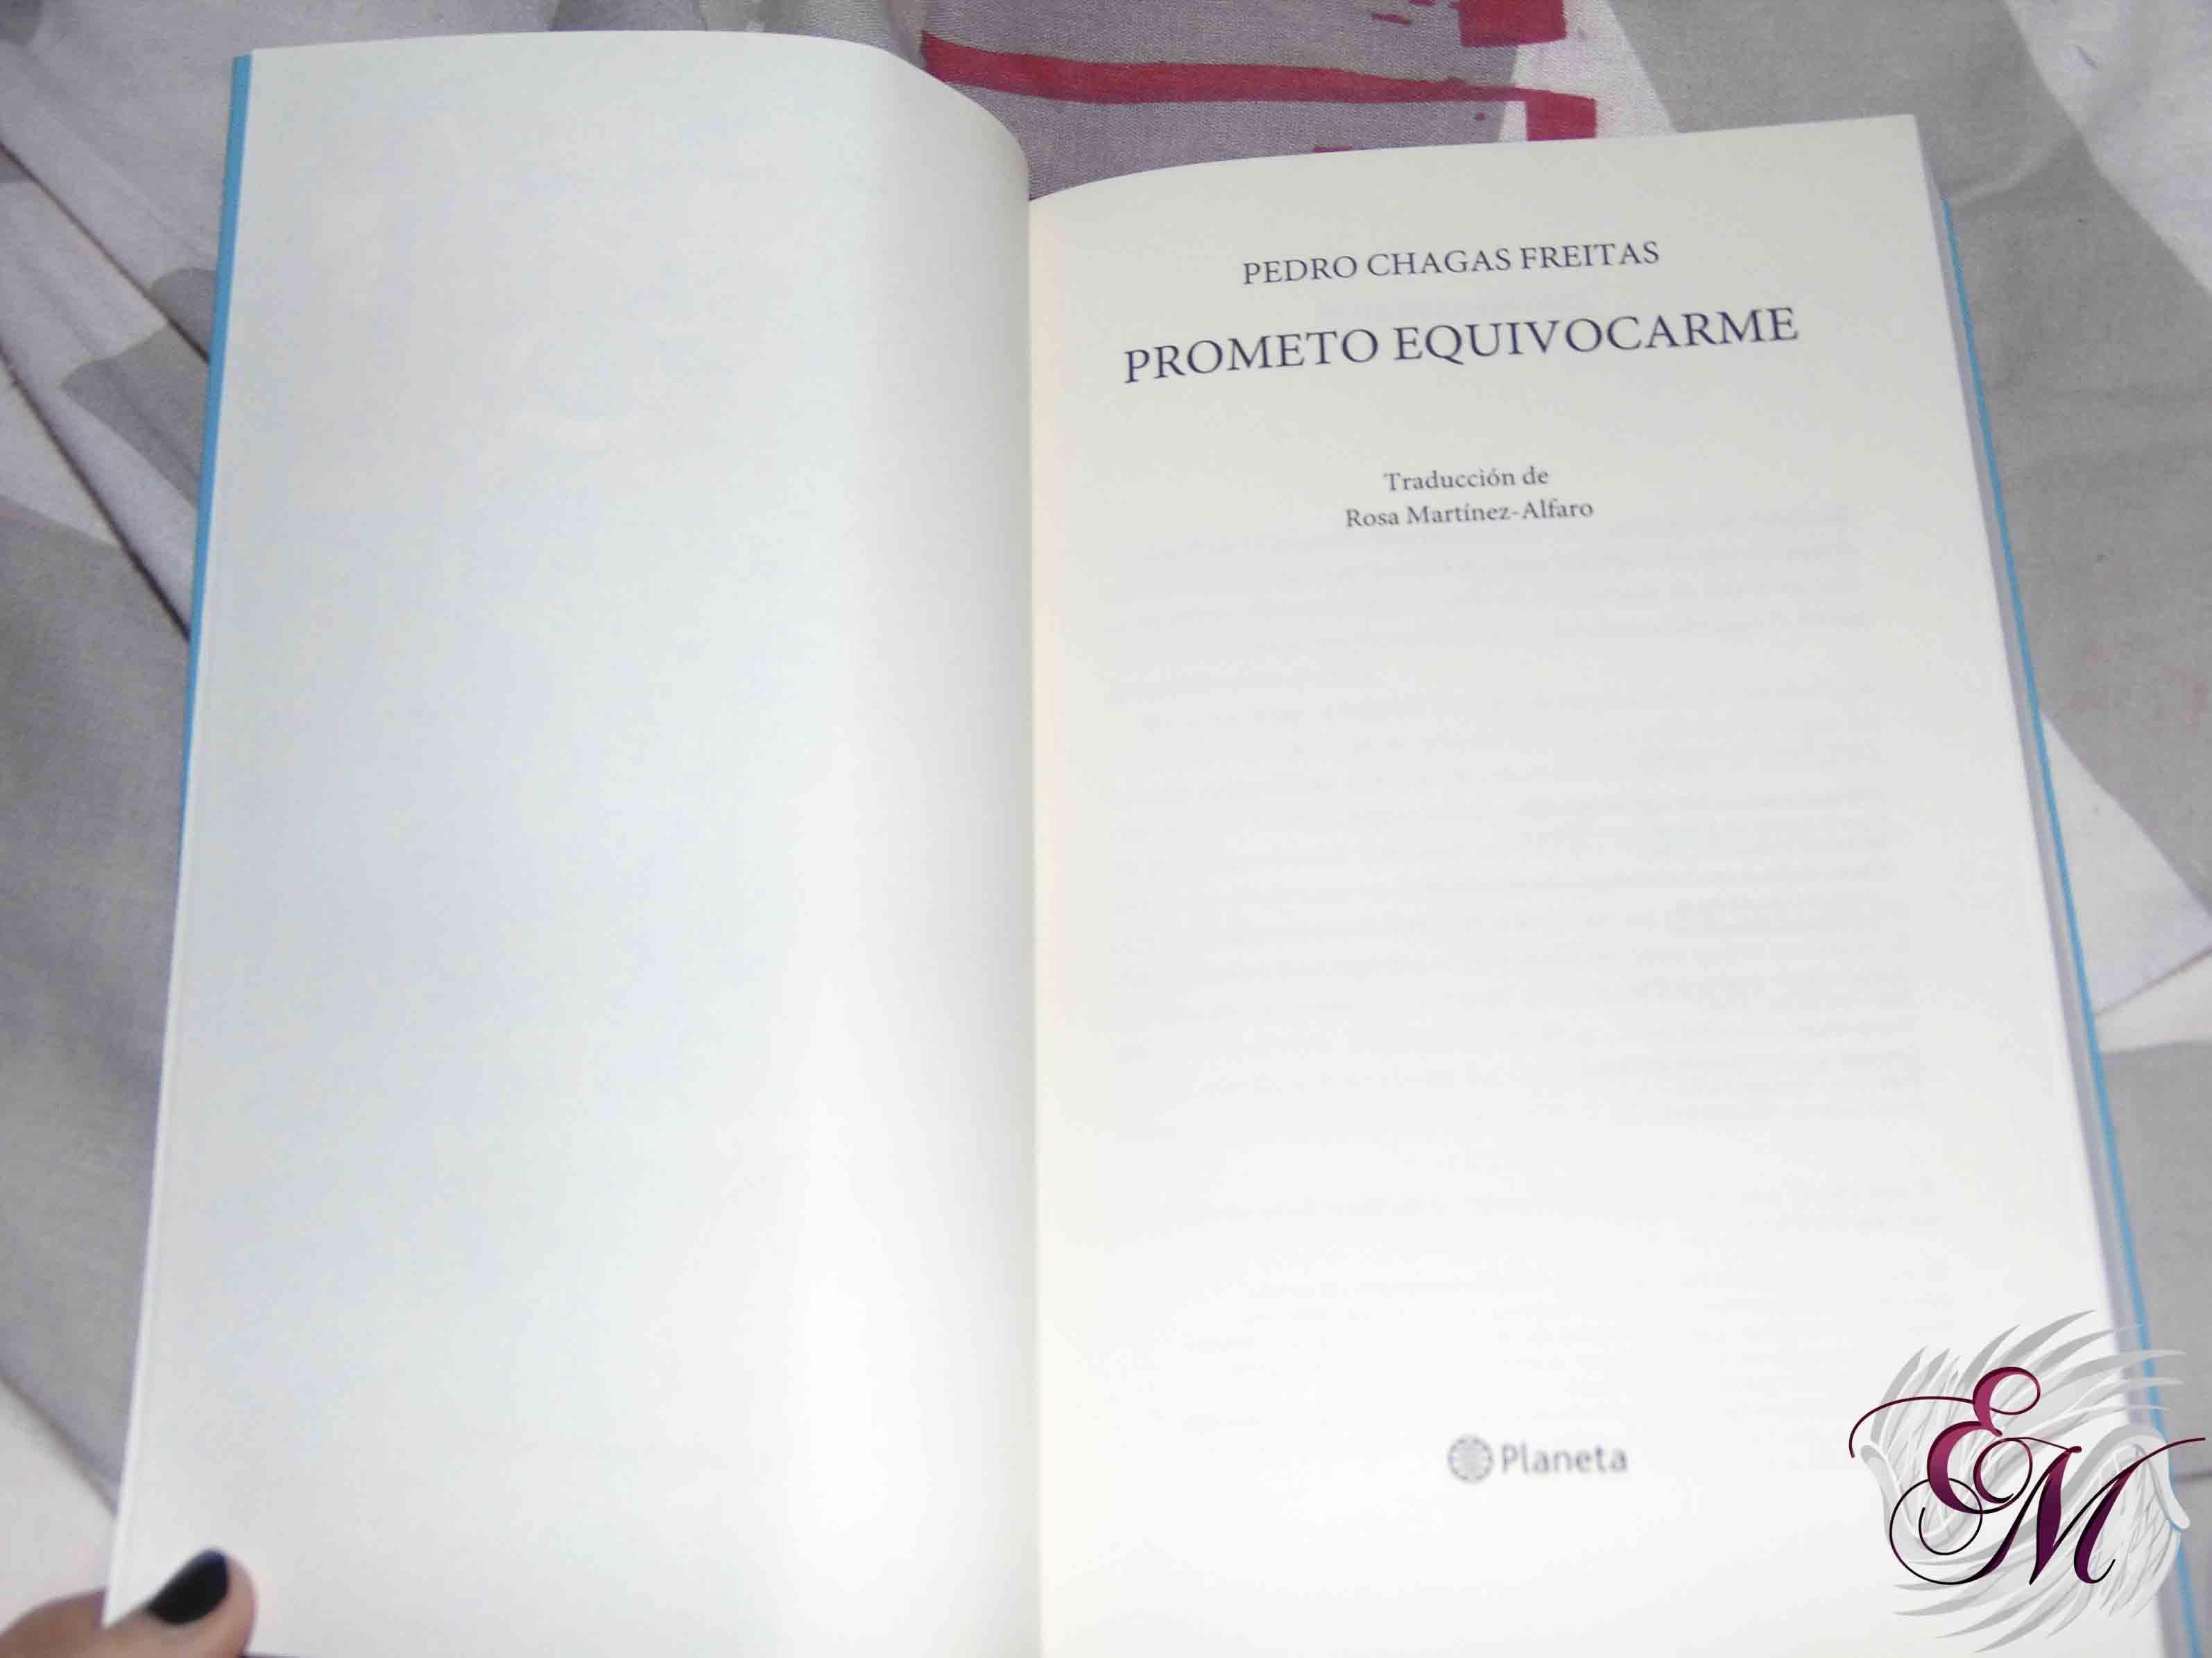 Prometo equivocarme, de Pedro Chagas Freitas - Reseña